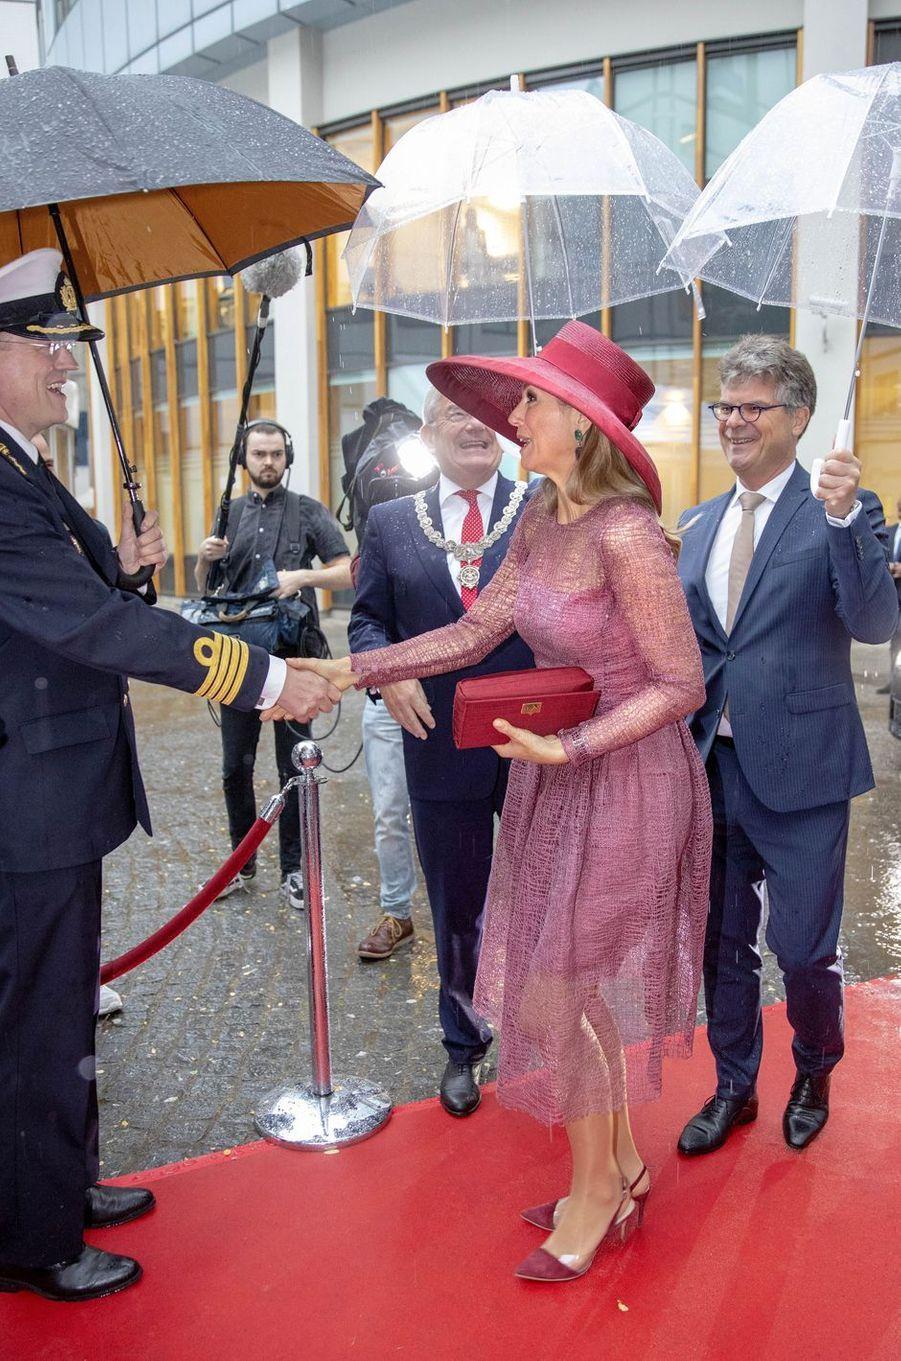 La reine Maxima des Pays-Bas à son arrivée à l'hôpital militaire d'Utrecht, le 19juin 2019